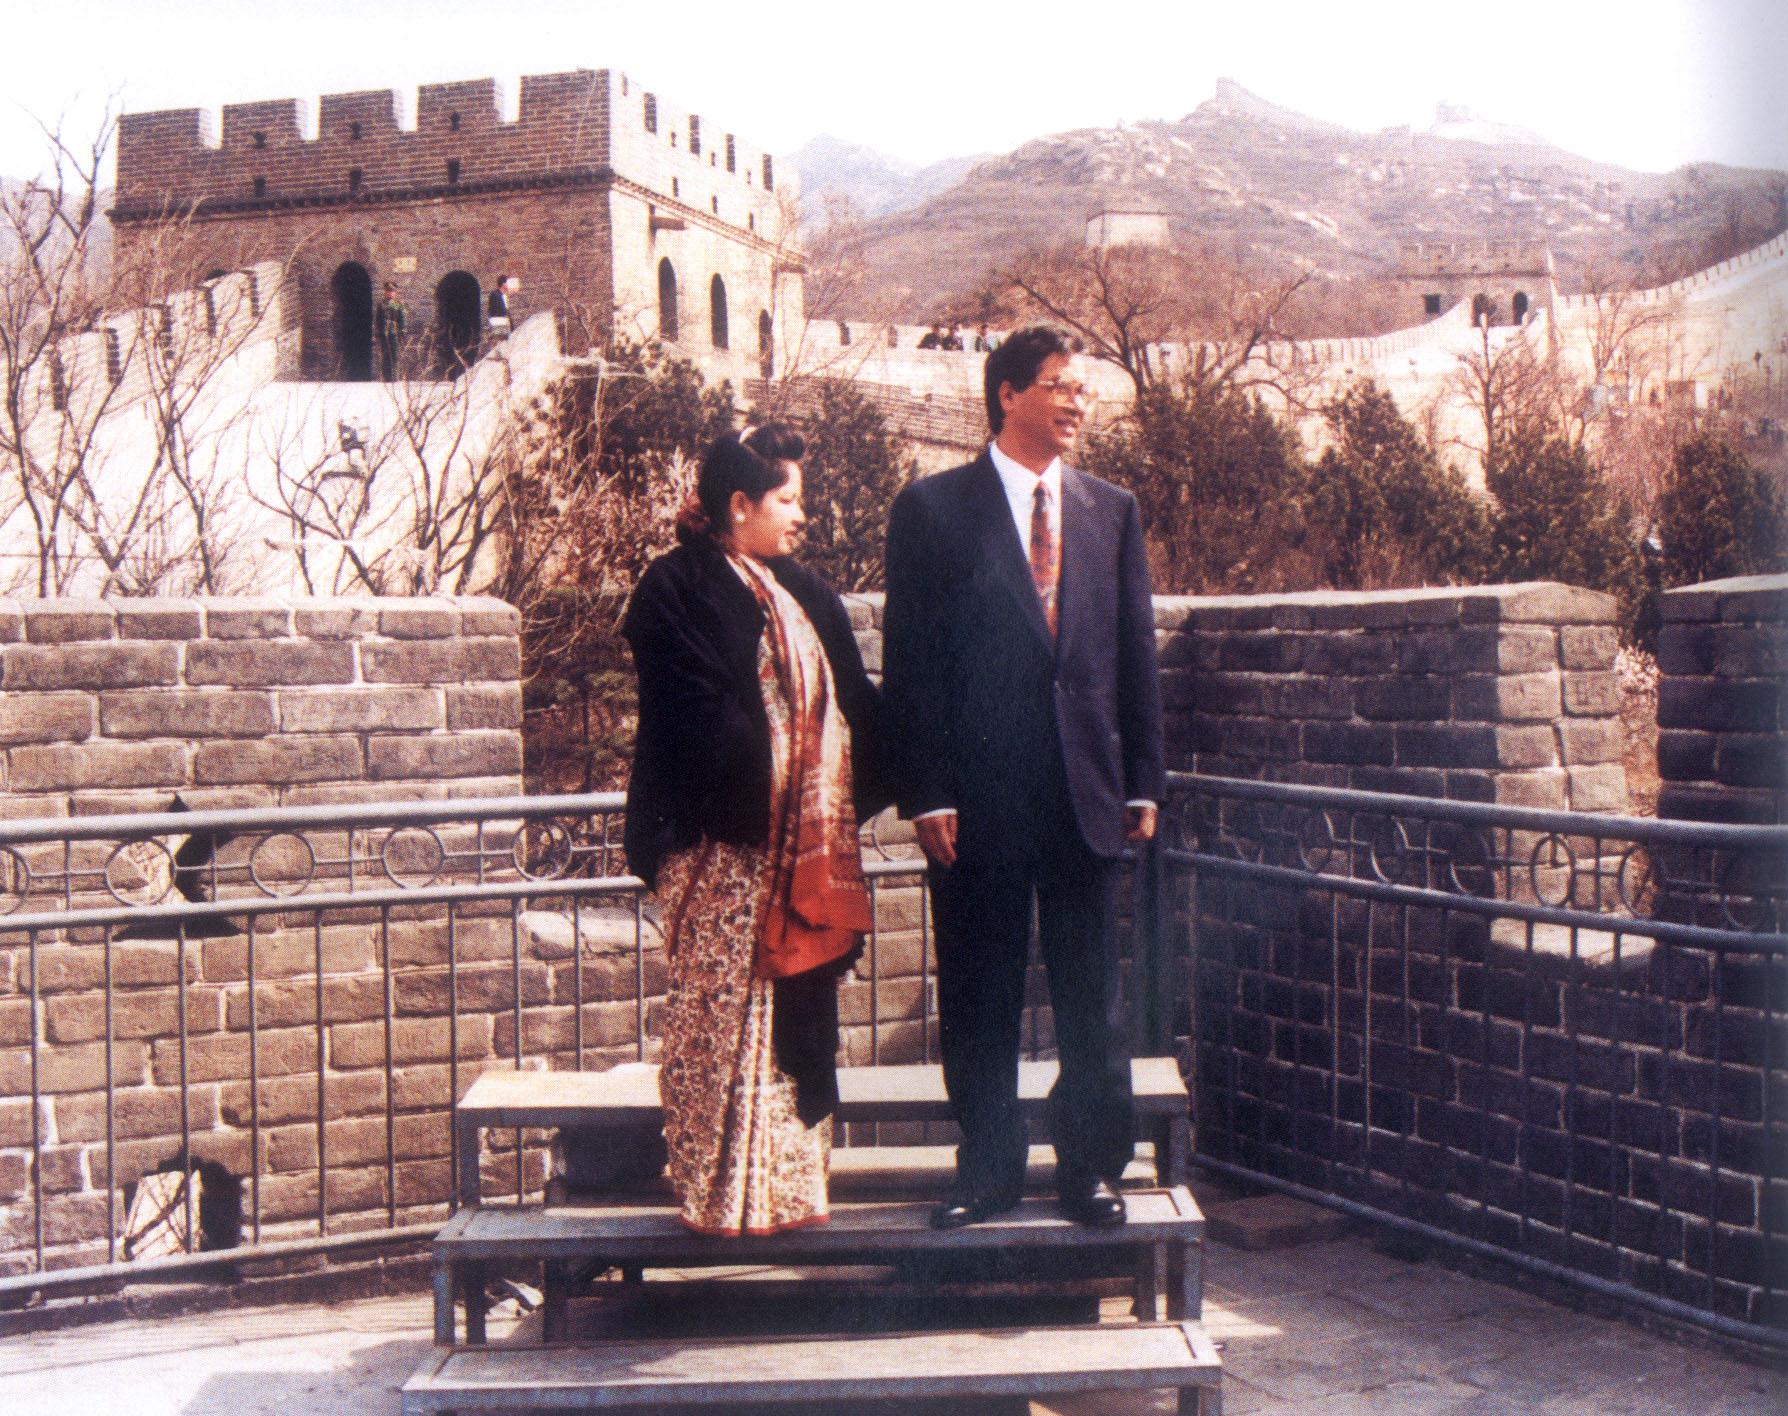 1996年4月20日,尼泊尔首相德乌帕游览长城-尼泊尔首相德乌帕游览长